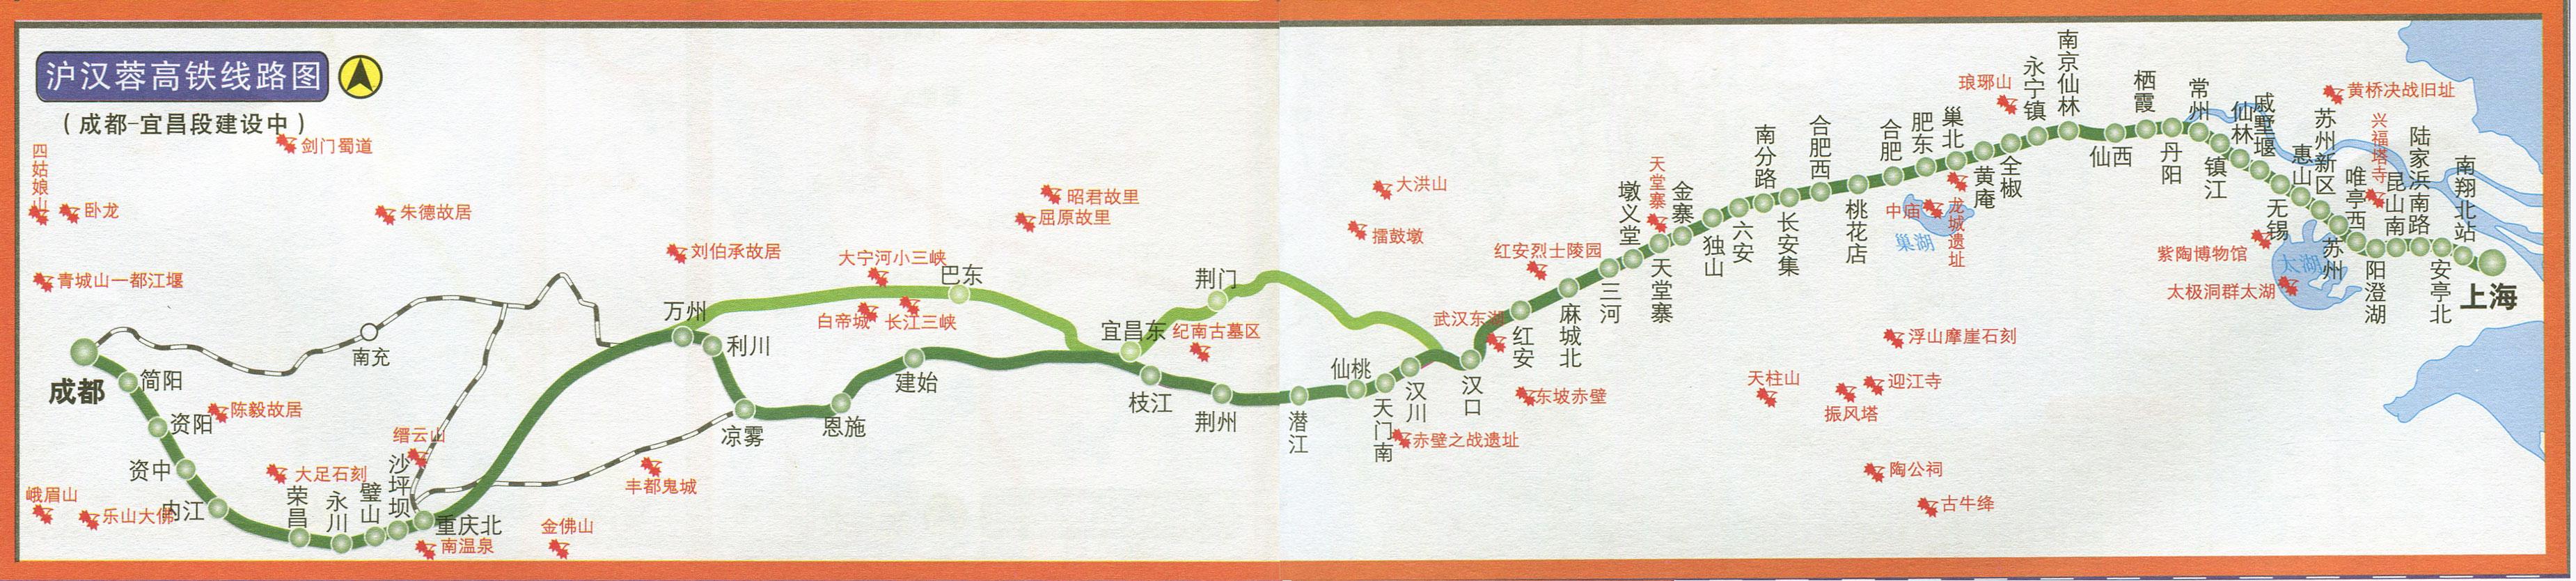 厦深高铁线路图图片